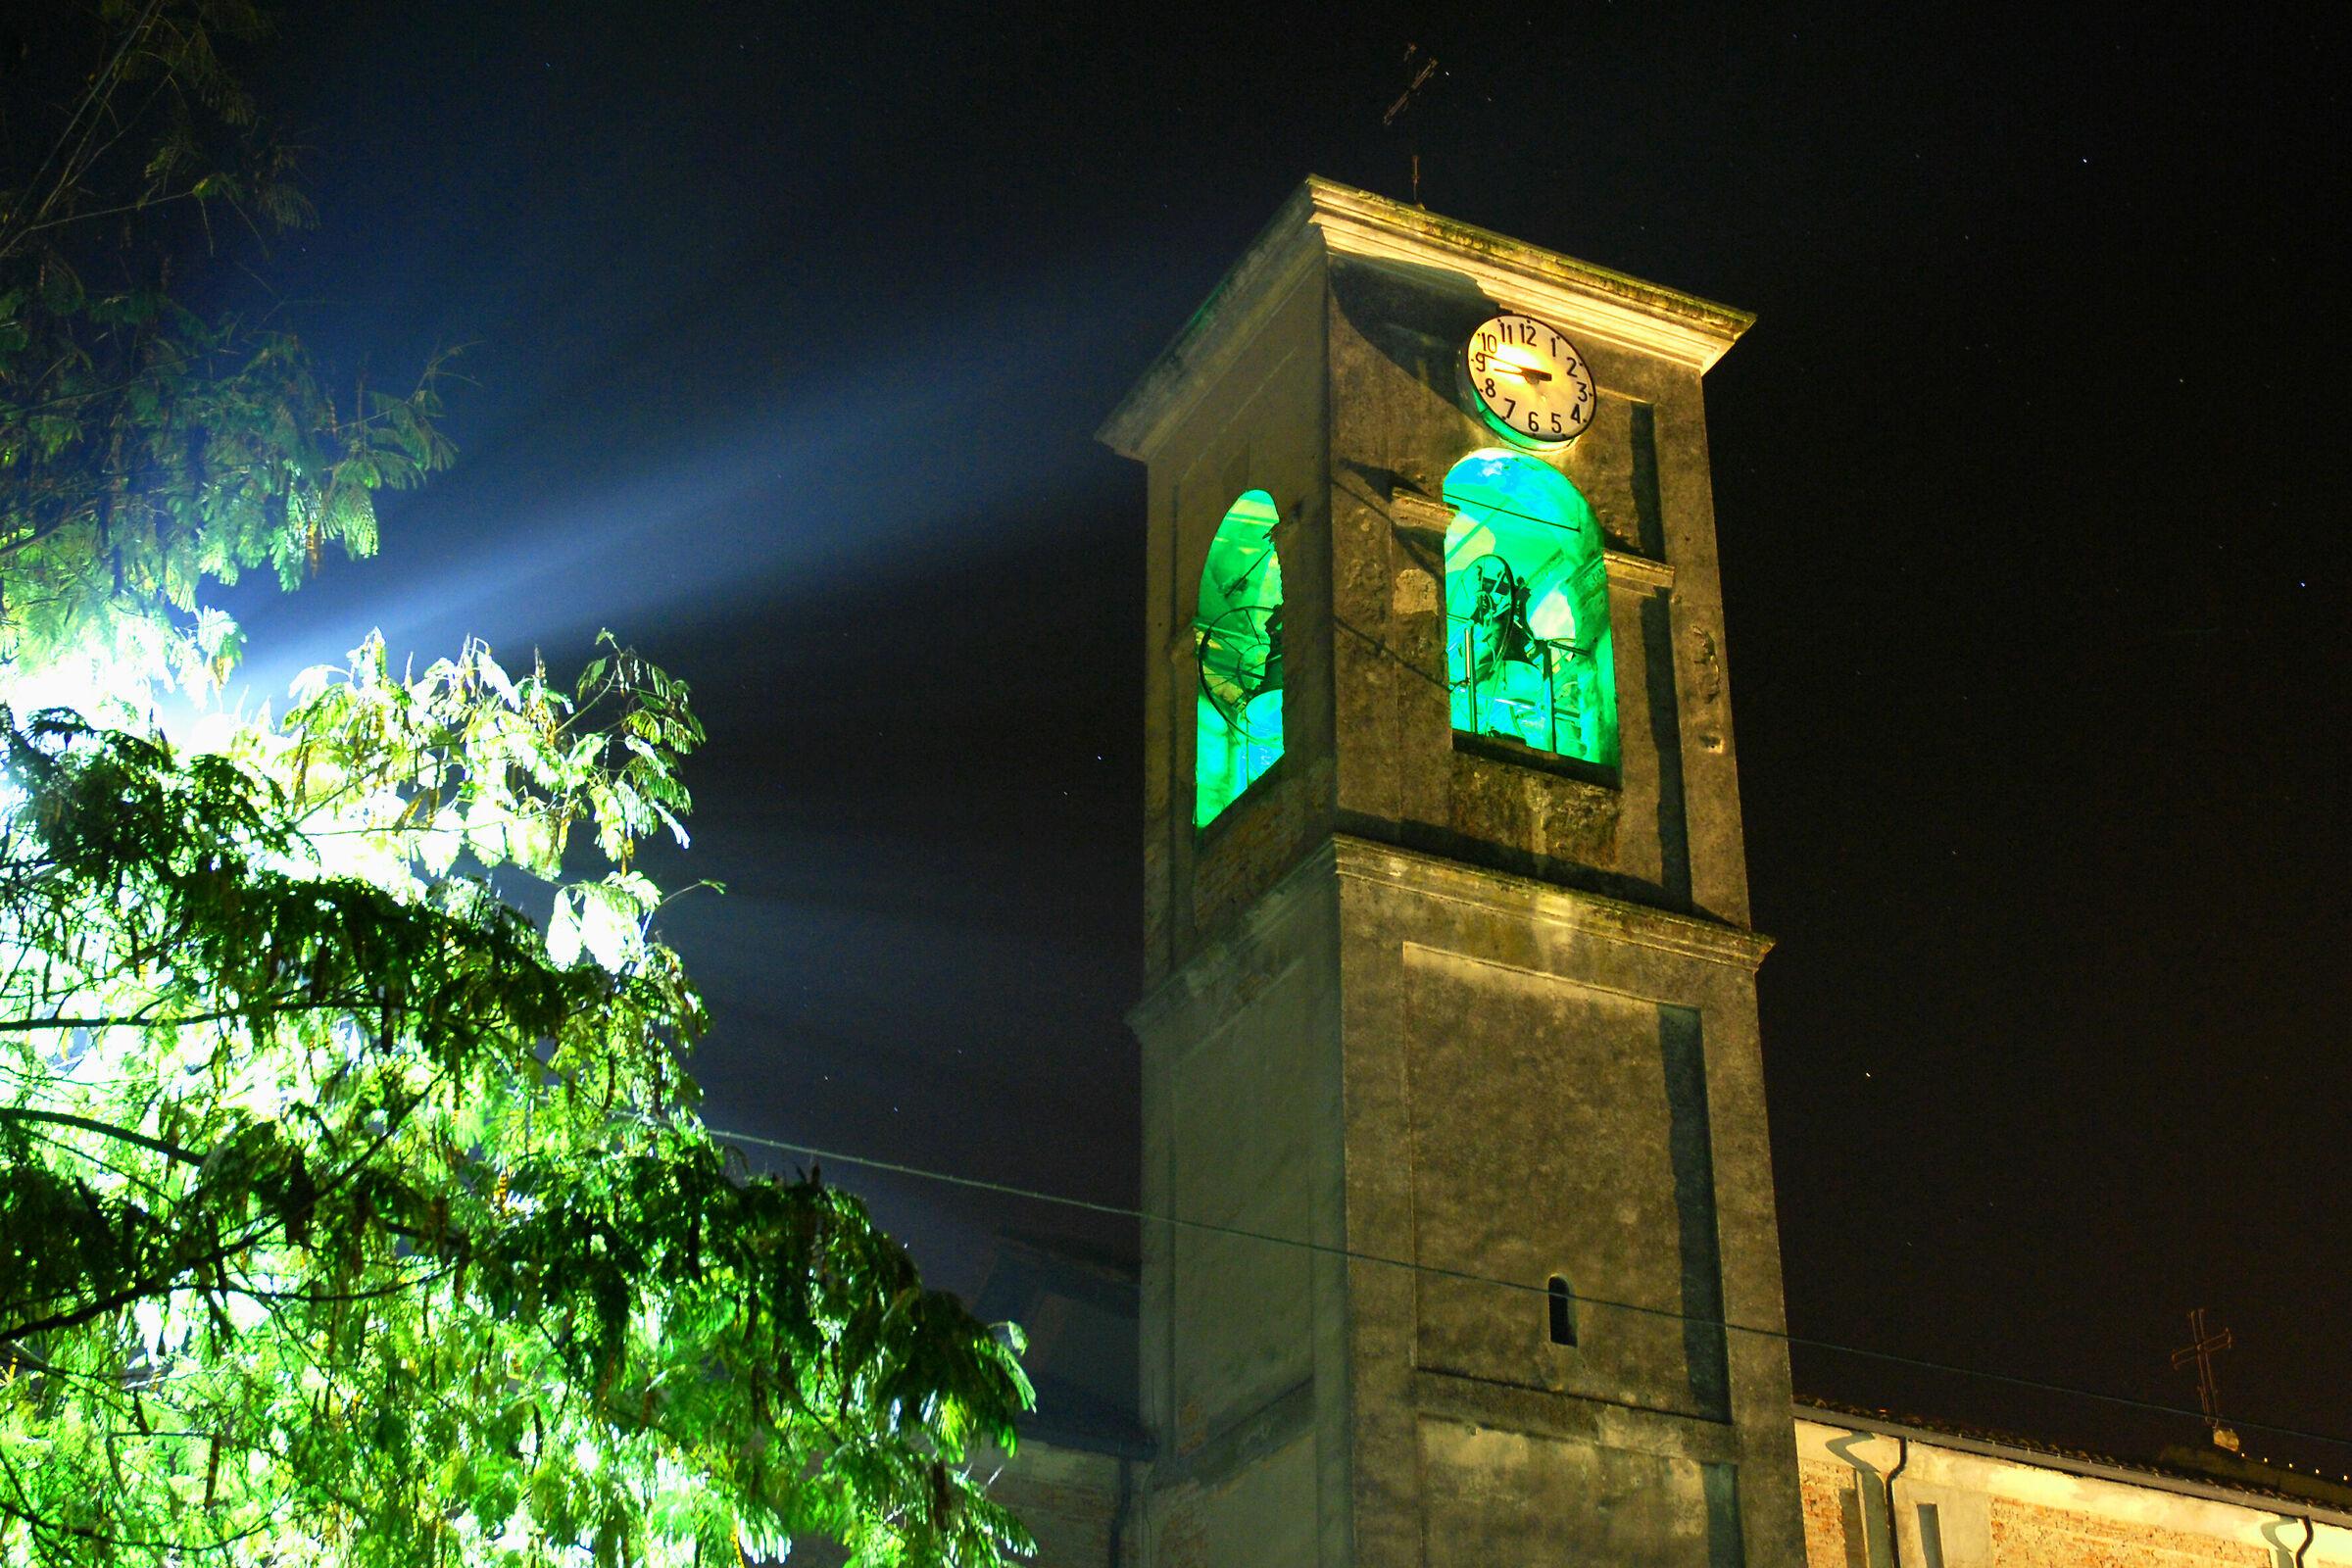 Horned bell tower...